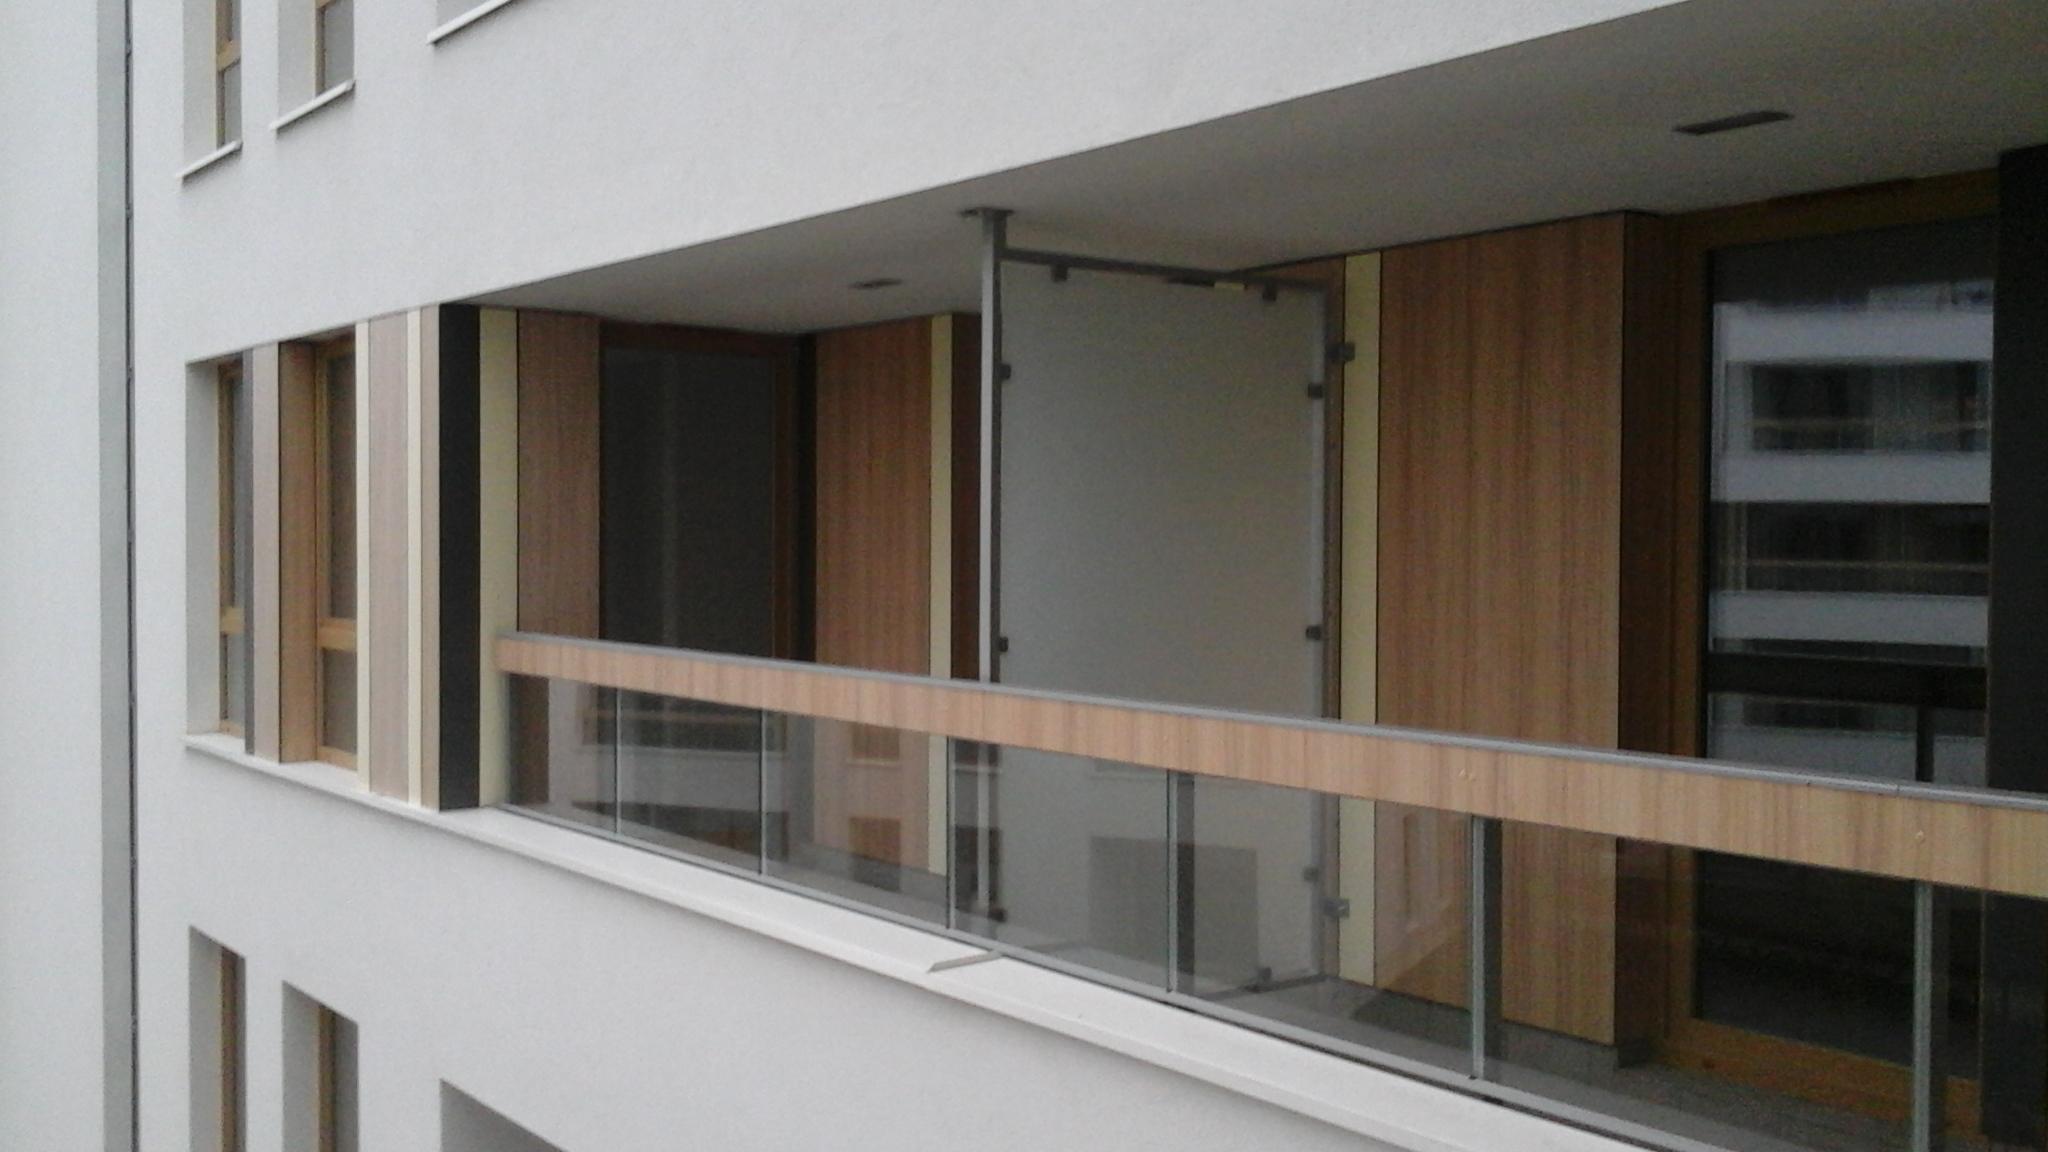 nowoczesne-materialy-elewacyjne-plyty-hpl-fasada